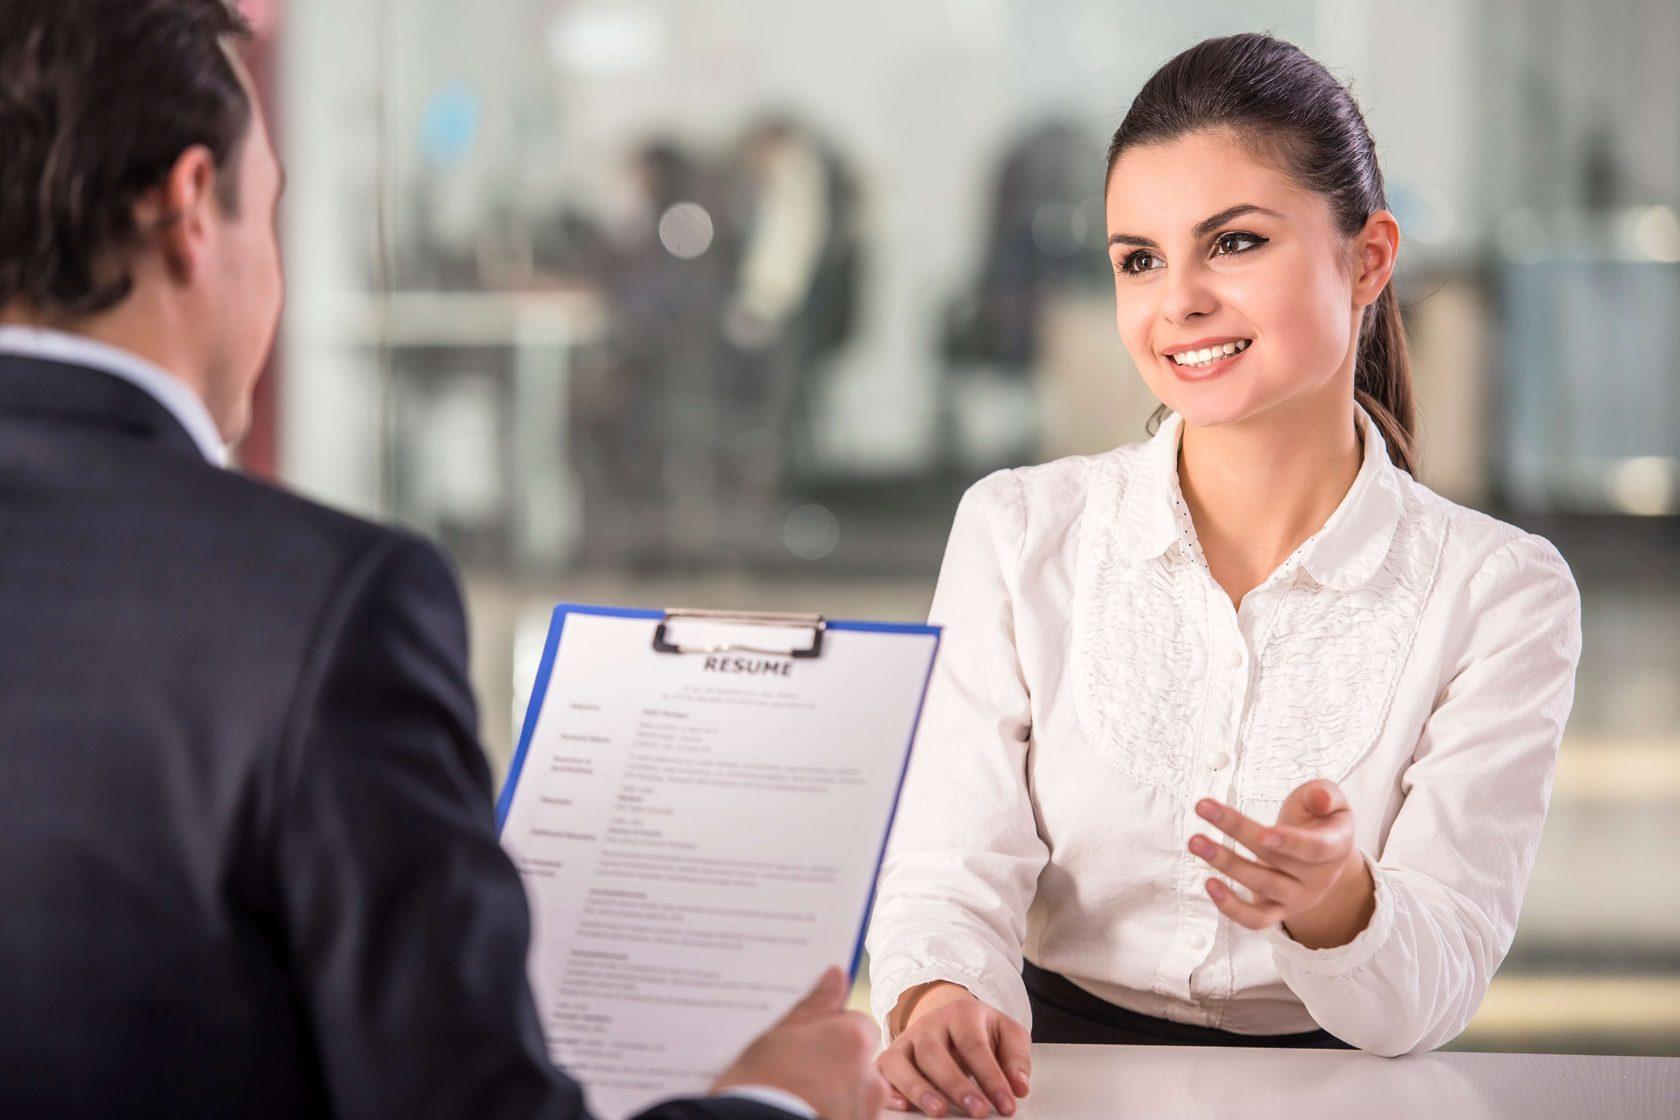 practice aptitude tests hiring trends